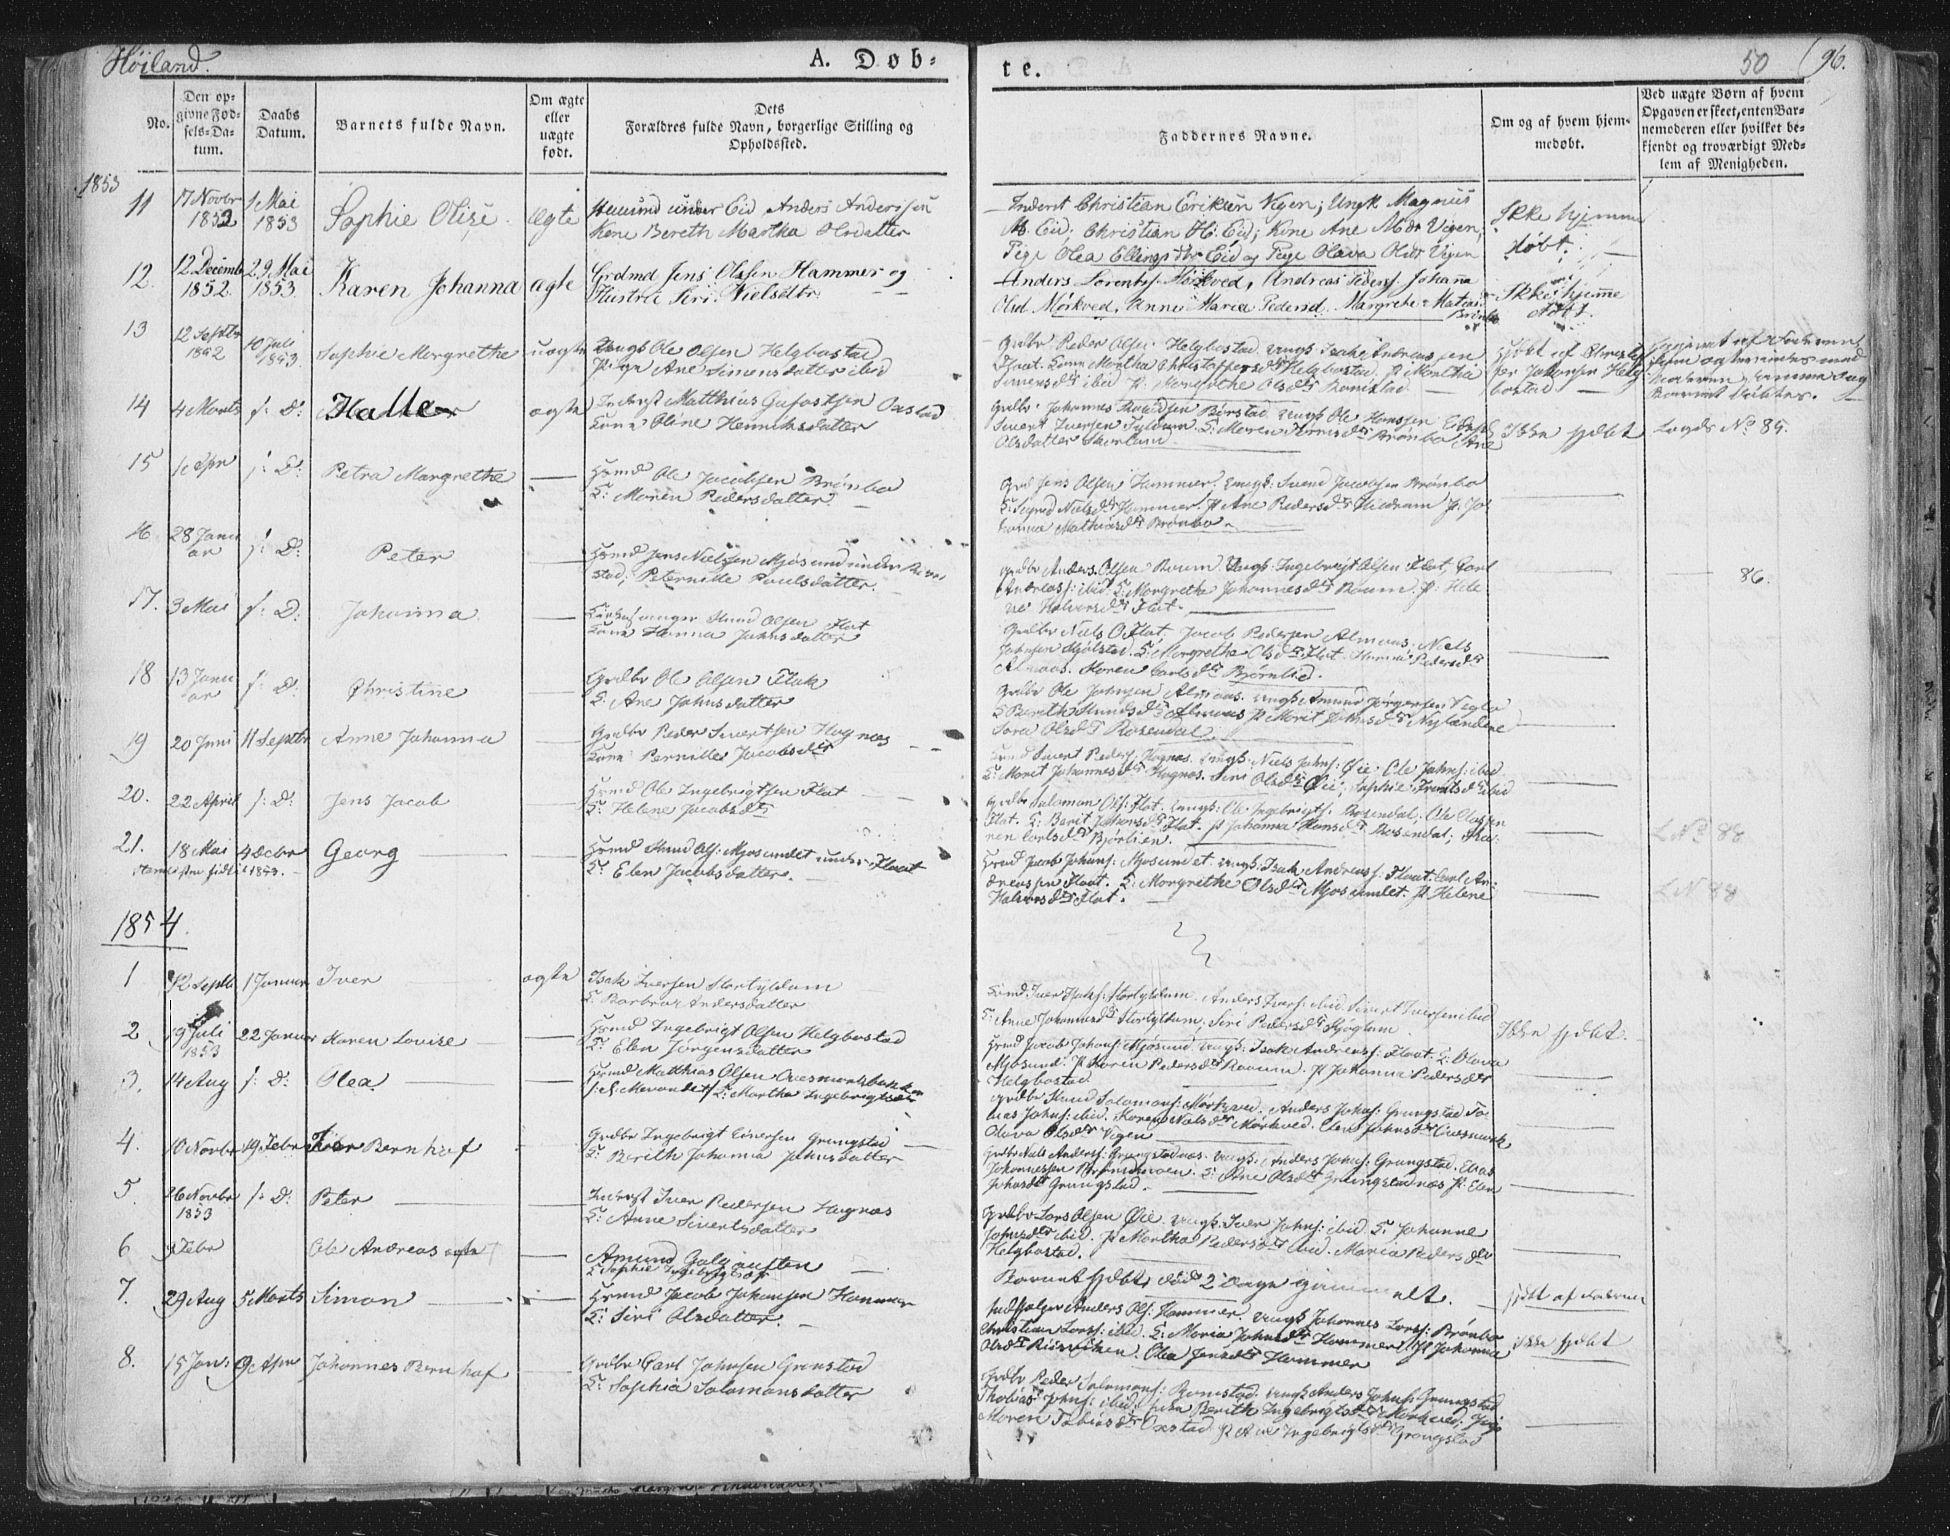 SAT, Ministerialprotokoller, klokkerbøker og fødselsregistre - Nord-Trøndelag, 758/L0513: Ministerialbok nr. 758A02 /2, 1839-1868, s. 50